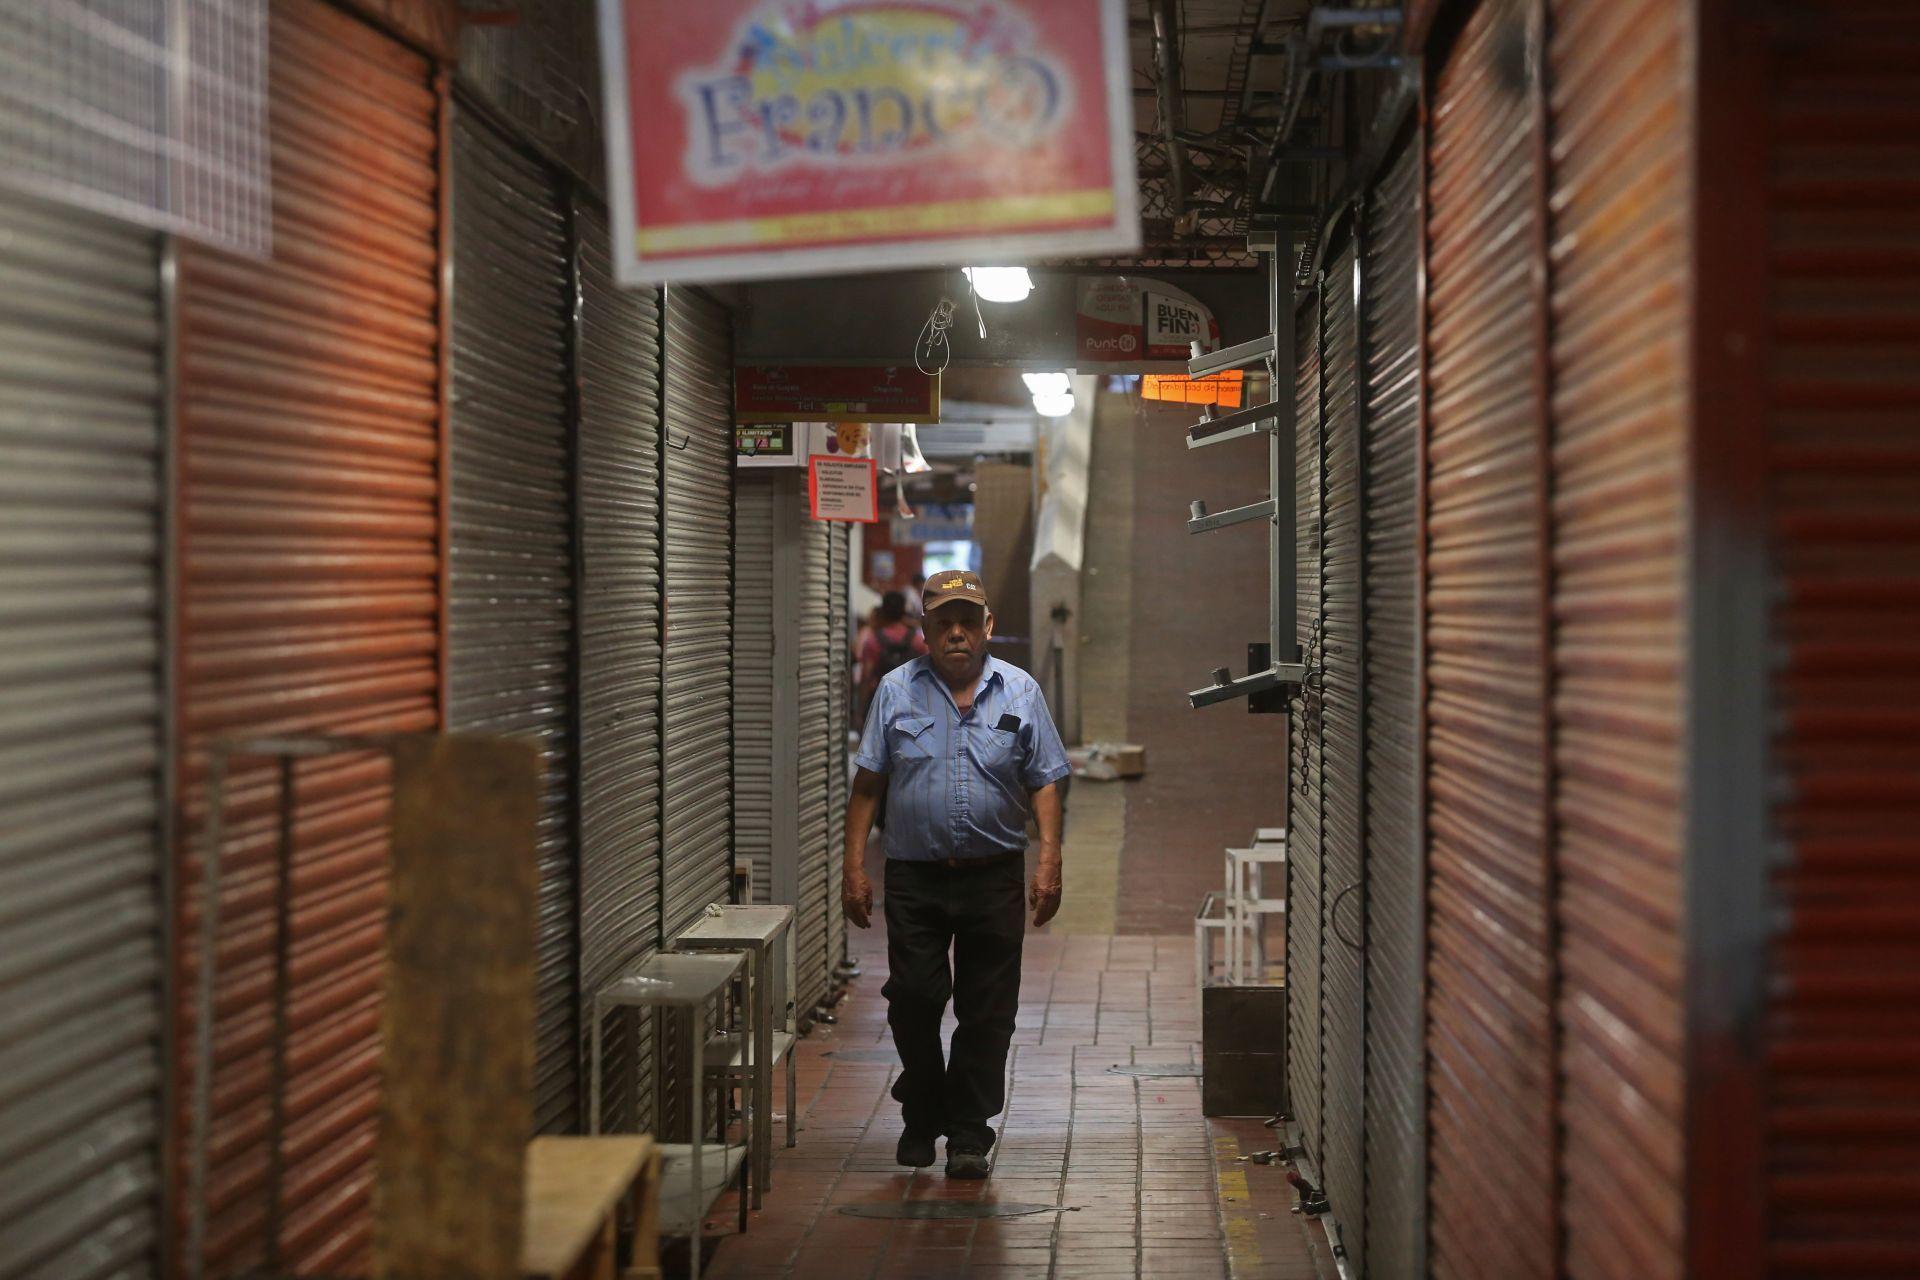 Los comercios dentro del Mercado San Juan de Dios en Guadalajara se mantienen cerrados debido a la crisis sanitaria de coronavirus (FOTO: FERNANDO CARRANZA GARCIA / CUARTOSCURO.COM)